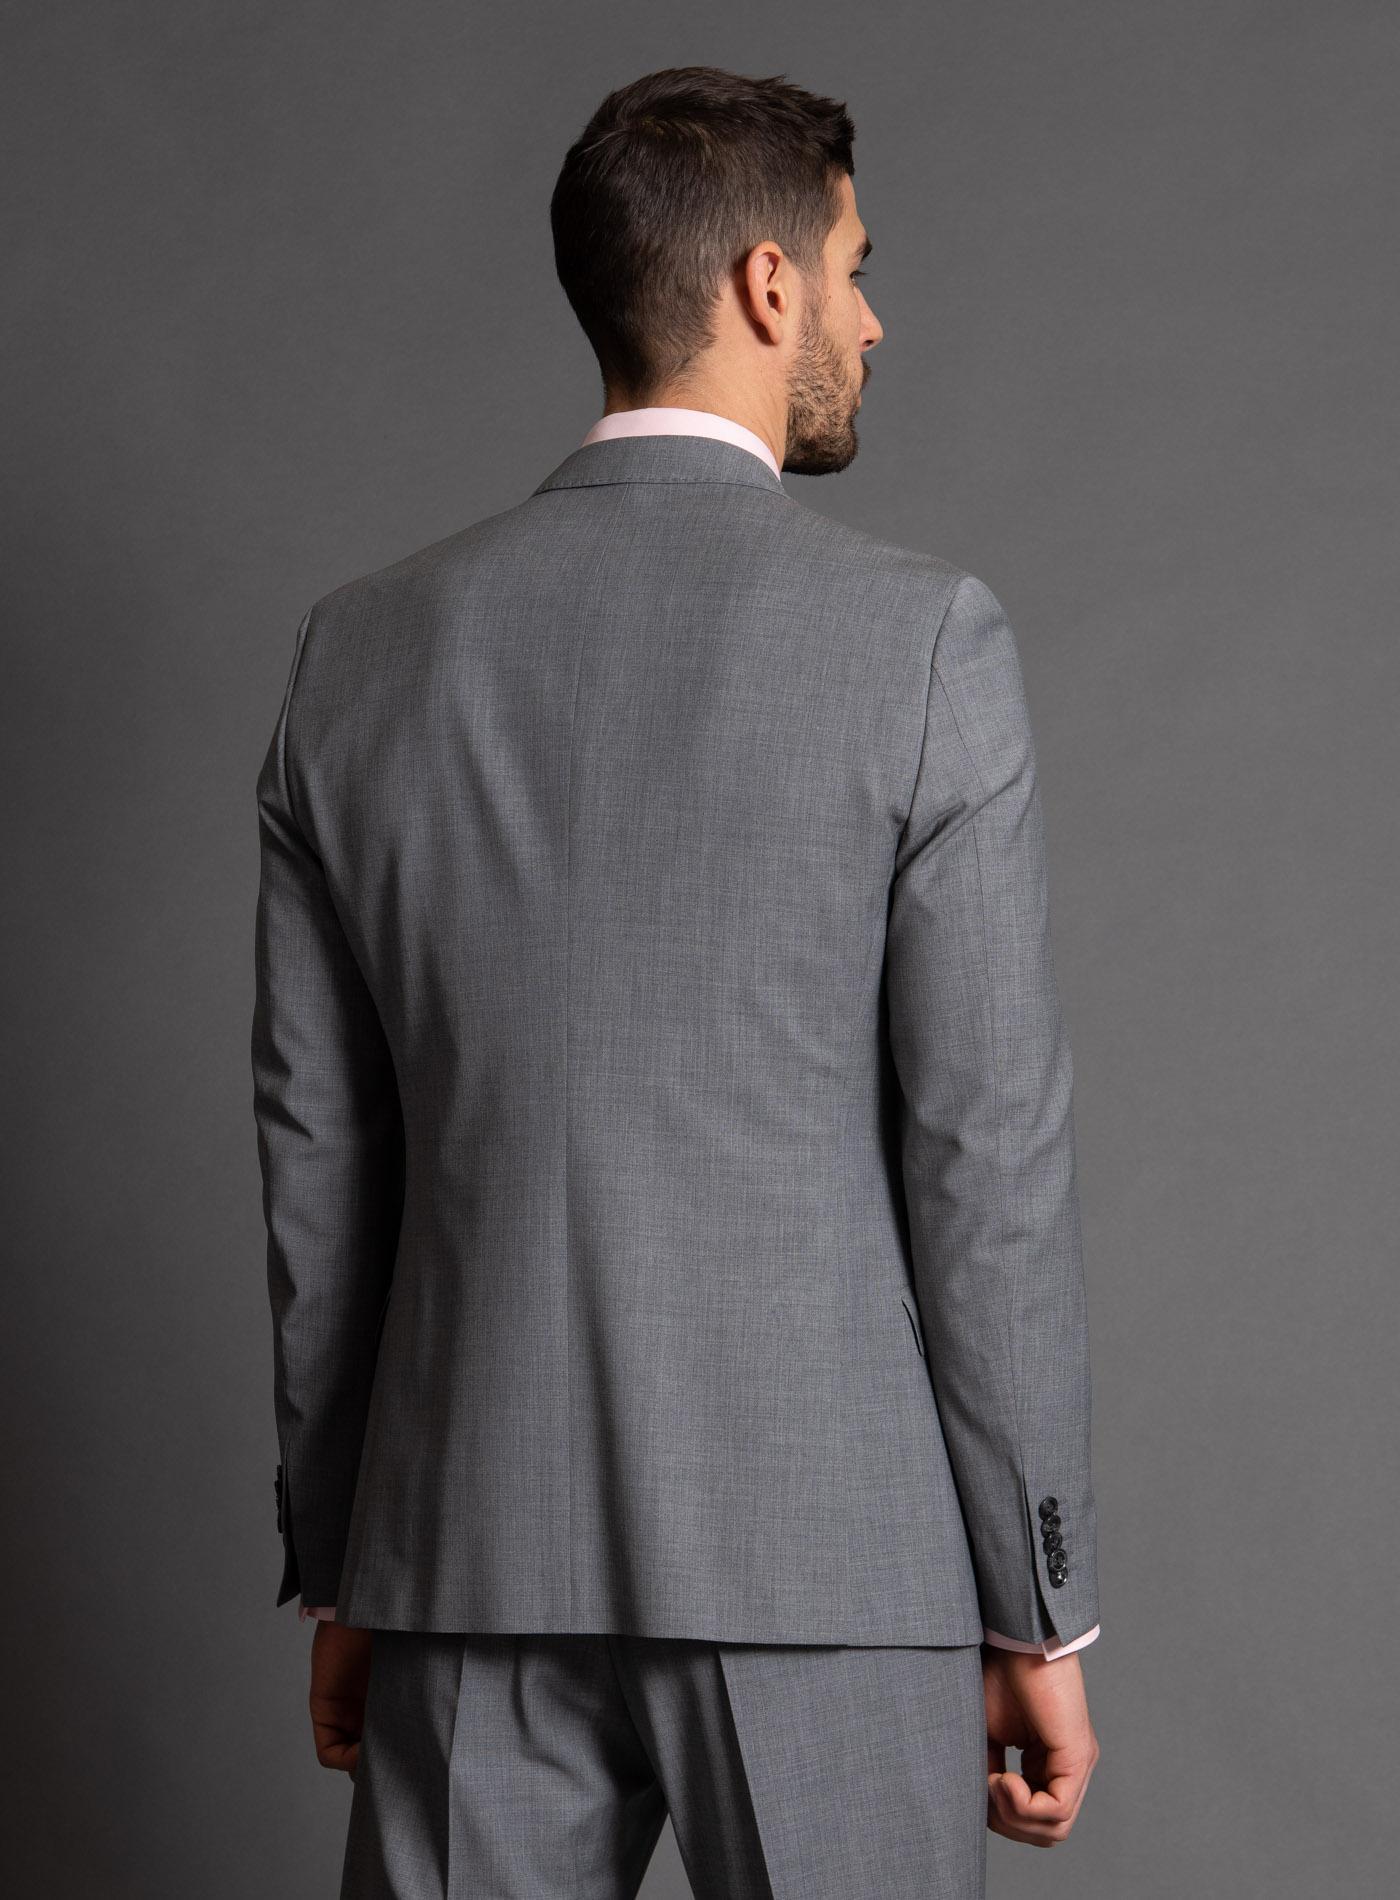 Terno Jordhan Slim Fit Cinza Escuro Impecável